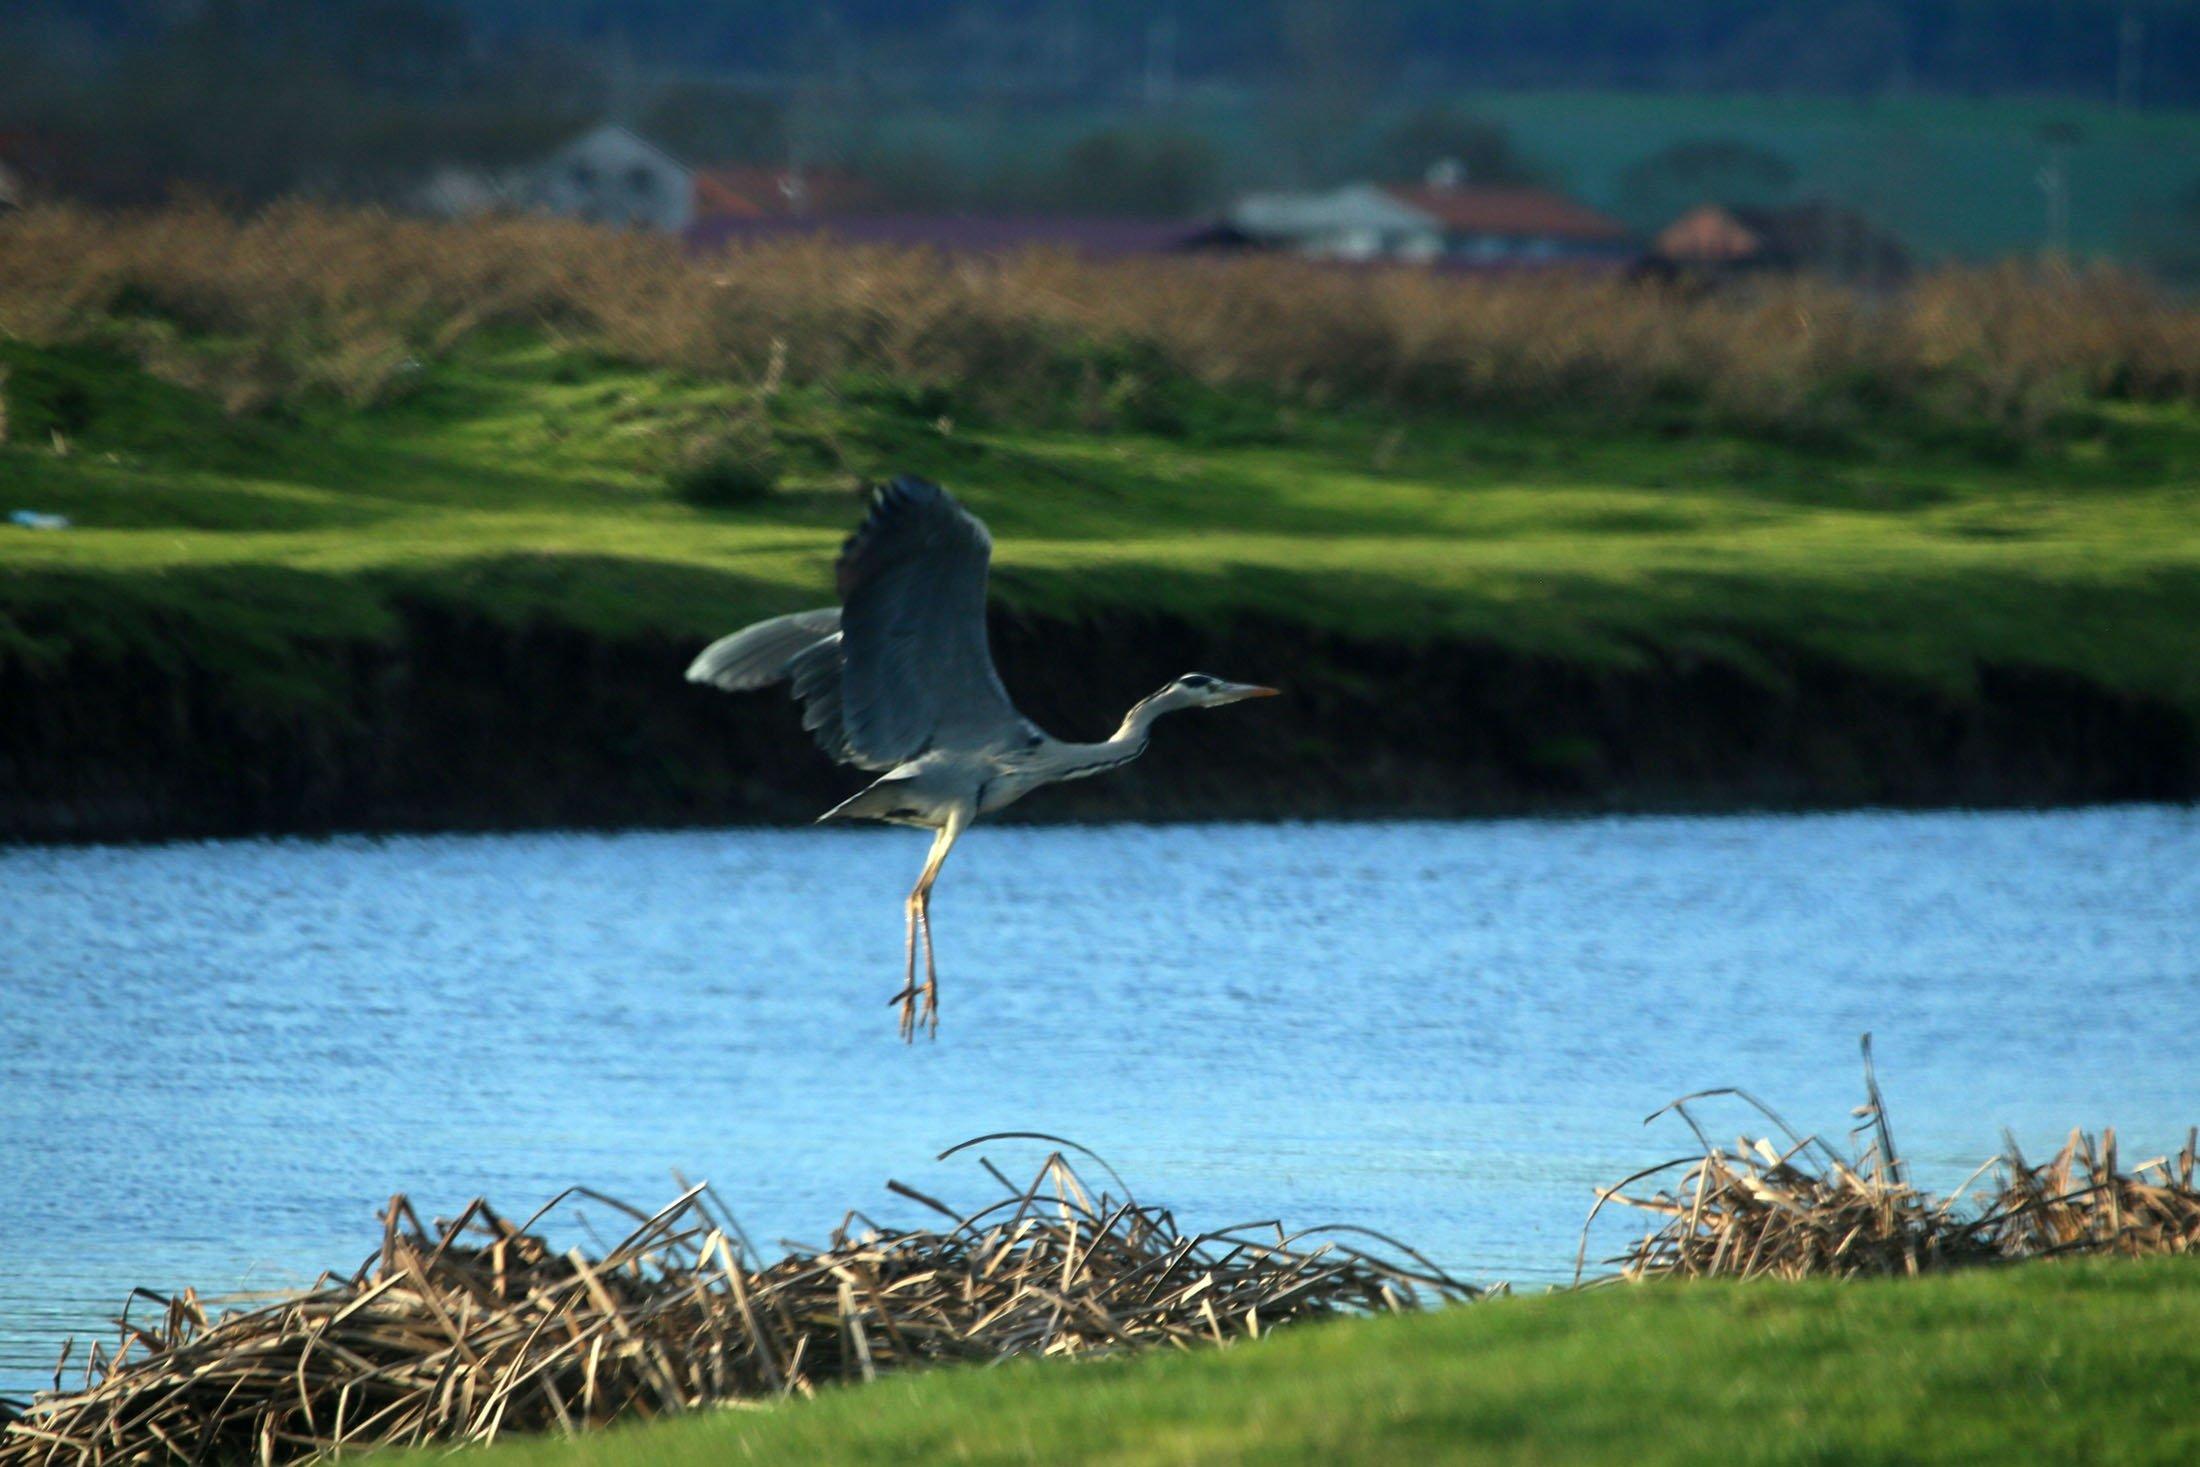 Kuzeydeki Samson eyaletinde bulunan Kosalarma Deltası Kuş Cenneti, göçmen kuşların gelişiyle rengarenk bir yer olacak.  (AA fotoğraf)